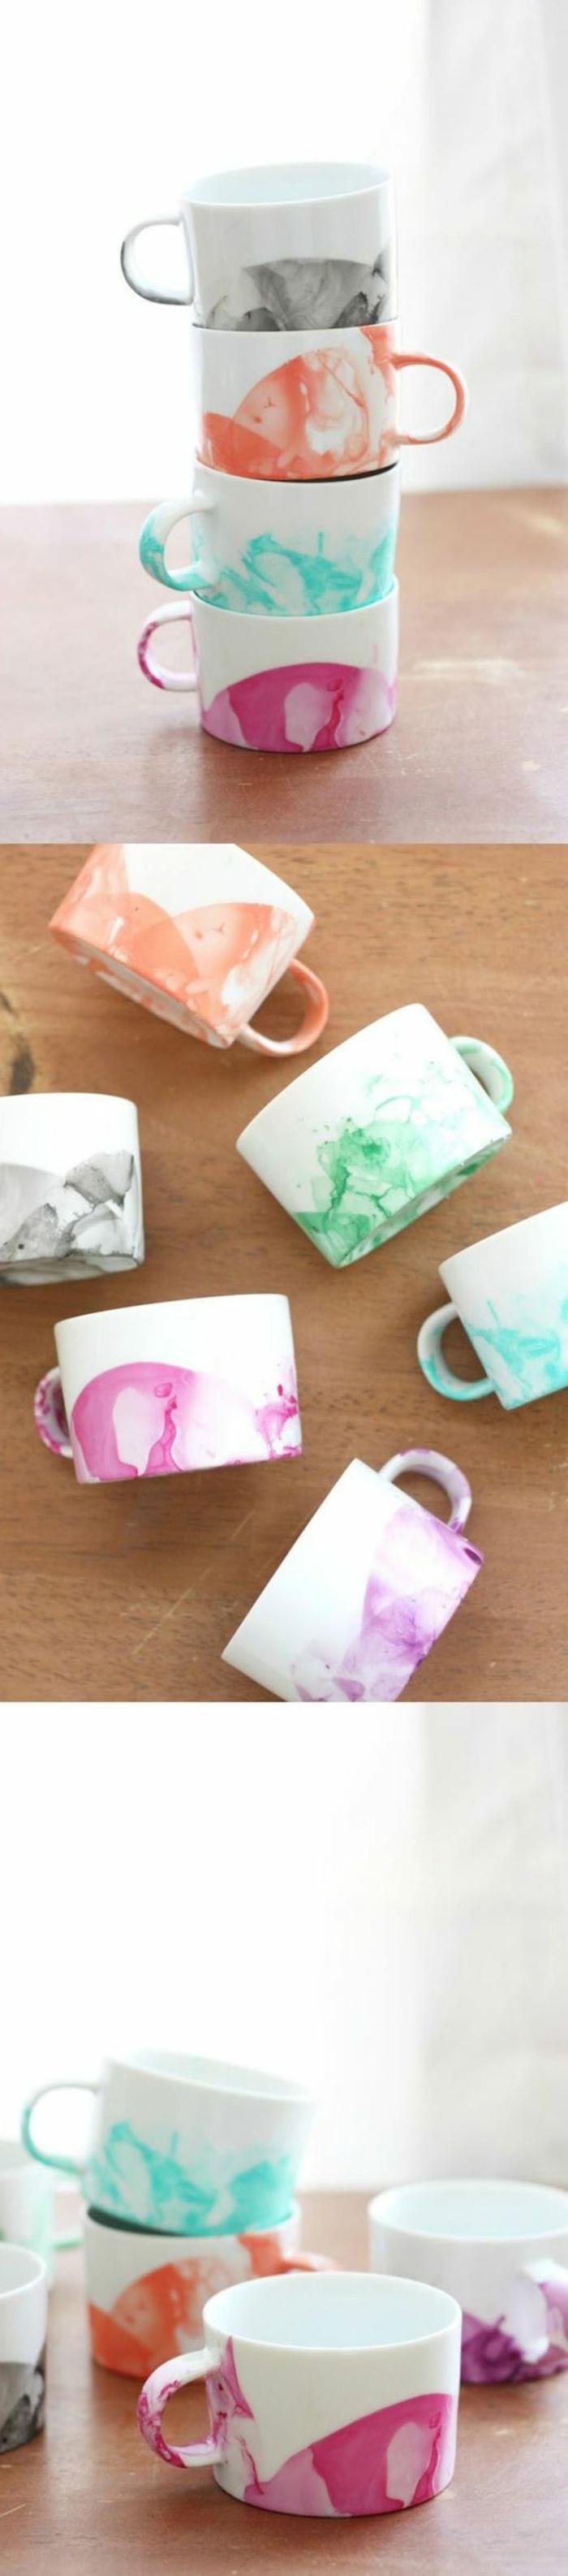 cadeau pour la fête des mères a fabriquer, tasses à café décorées avec de l'eau et du vernis